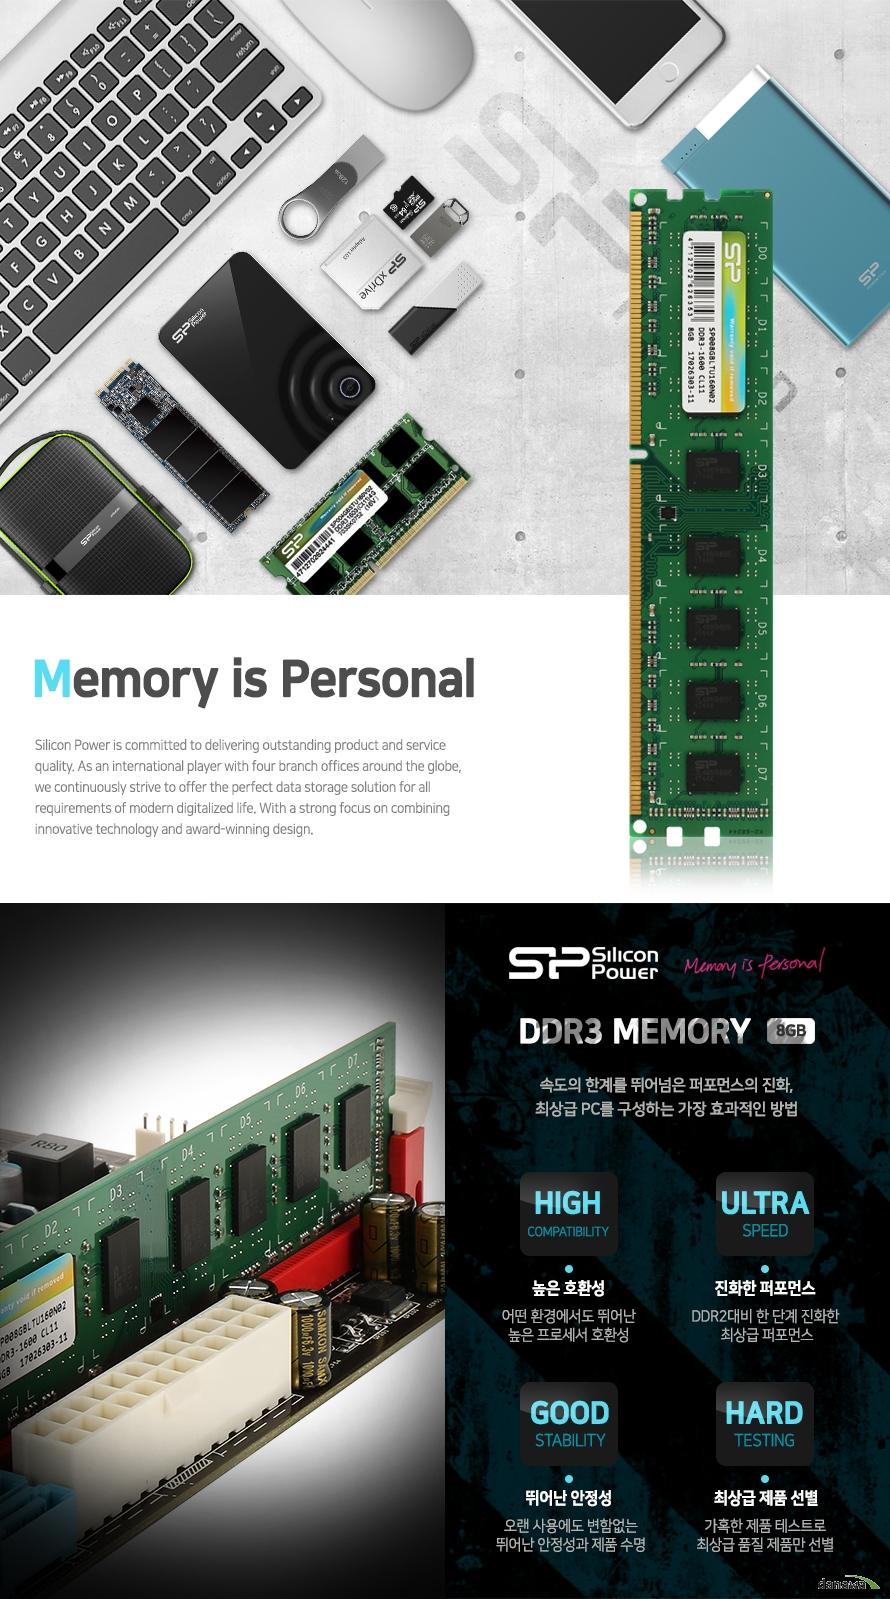 MEMORY IS PERSONAL   실리콘파워 DDR3 메모리 8기가바이트      속도의 한계를 뛰어넘은 퍼포먼스의 진화   최상급 PC를 구성하는 가장 효과적인 방법      높은 호환성   어떤 환경에서도 뛰어난 높은 프로세서 호환성      진화한 퍼포먼스   DDR2대비 한 단계 진화한 최상급 퍼포먼스      뛰어난 안정성   오랜 사용에도 변함없는 뛰어난 안정성과 제품 수명      최상급 제품 선별   가혹한 제품 테스트로 최상급 품질 제품만 선별